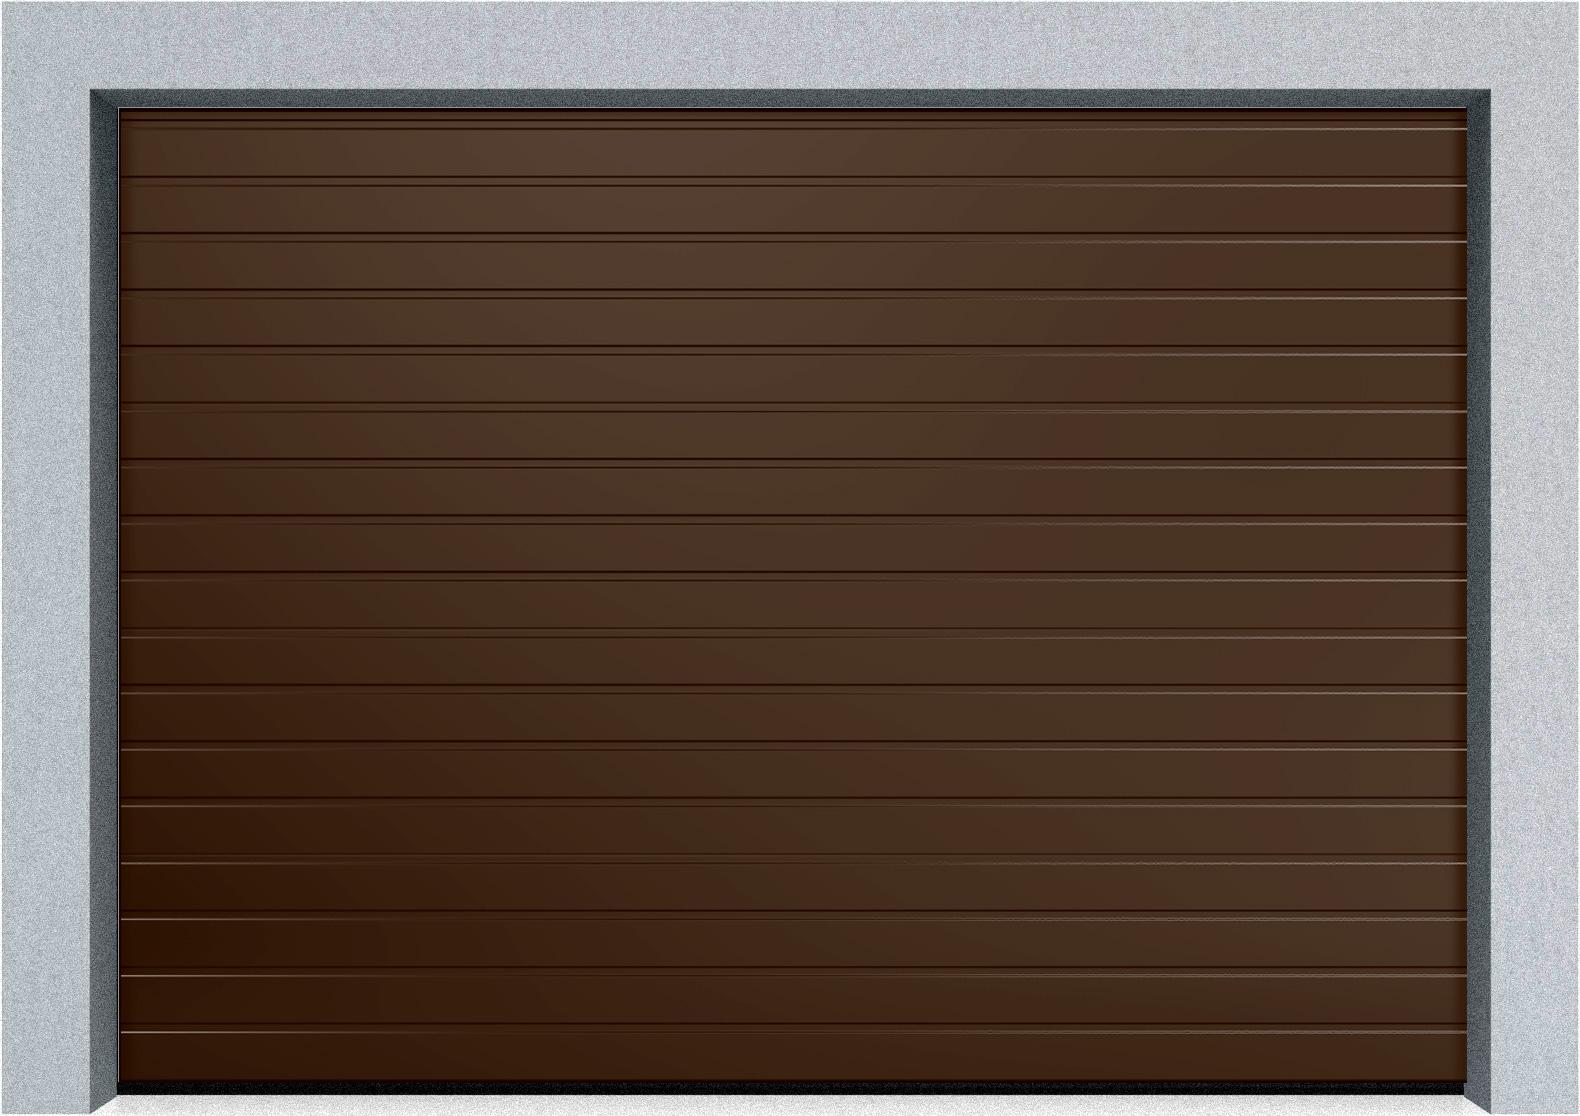 Секционные гаражные ворота Alutech Trend 1875x2250 S-гофр, Микроволна стандартные цвета, пружины растяжения, фото 2